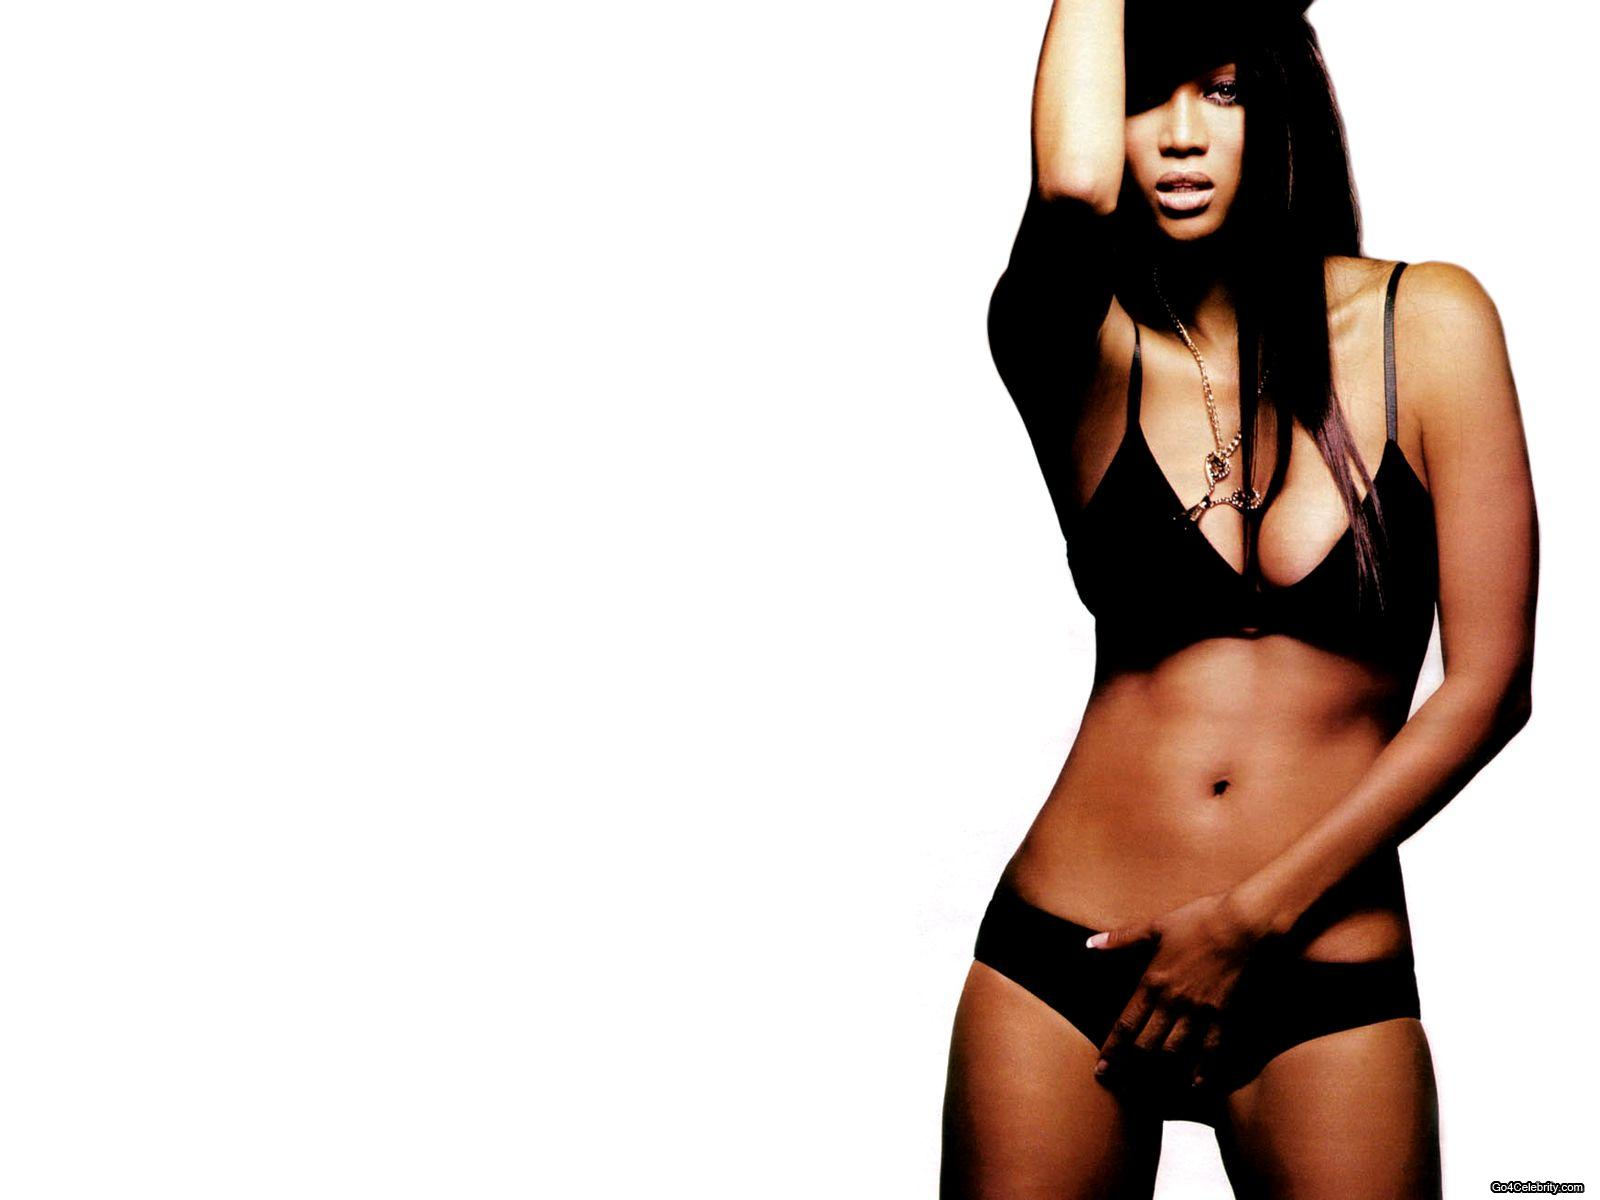 Tyra Banks Hairstyle Trends Tyra Banks Bikini Wallpapers-8059